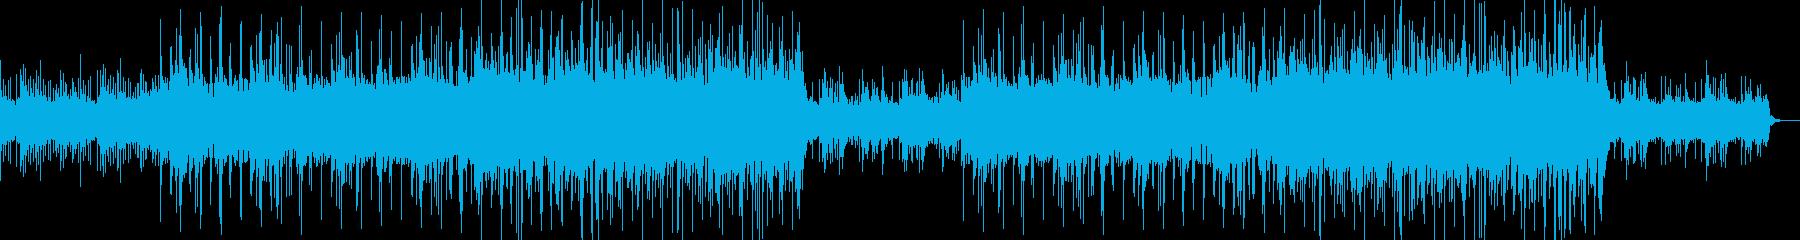 和風・バラード・感動的・琴の再生済みの波形